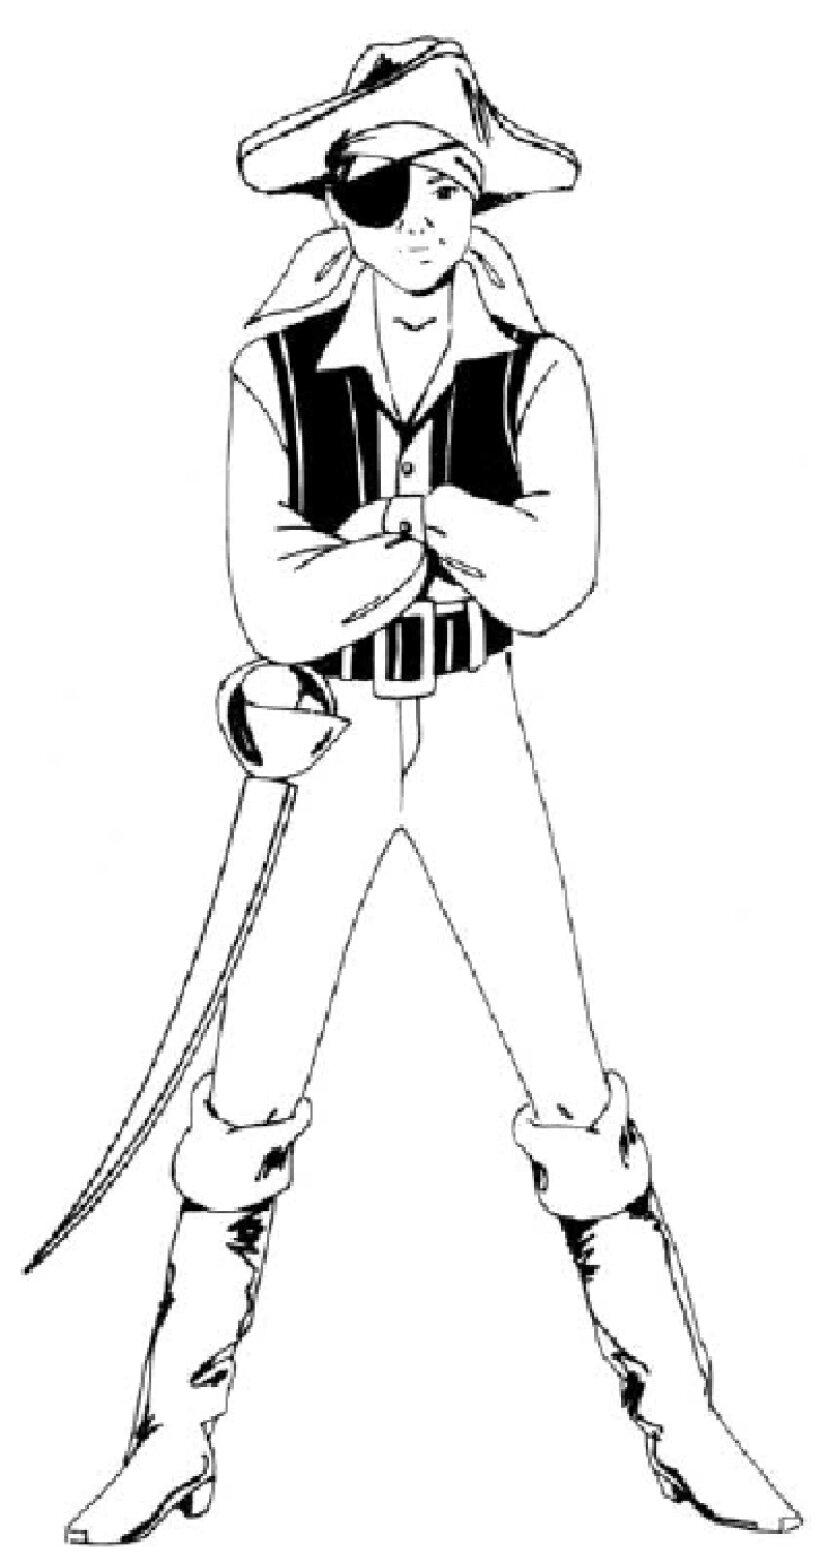 人を描く方法:海賊の衣装を着た少年